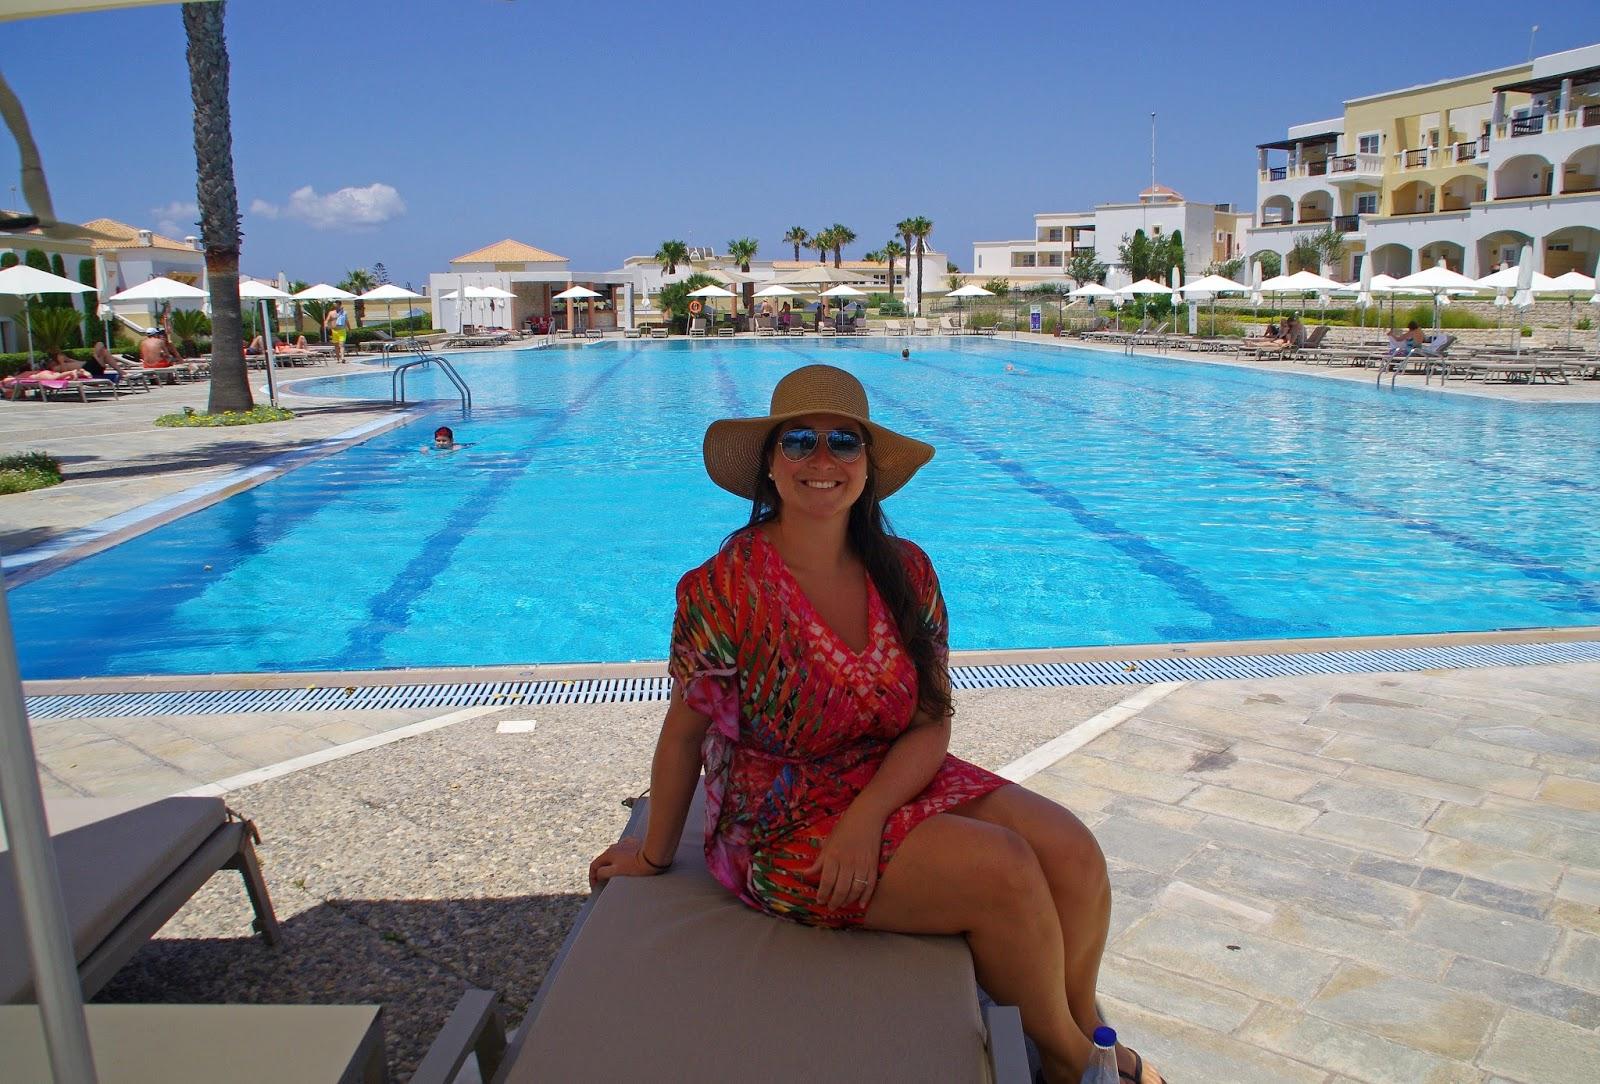 Neptune Hotel Kos Girl by pool